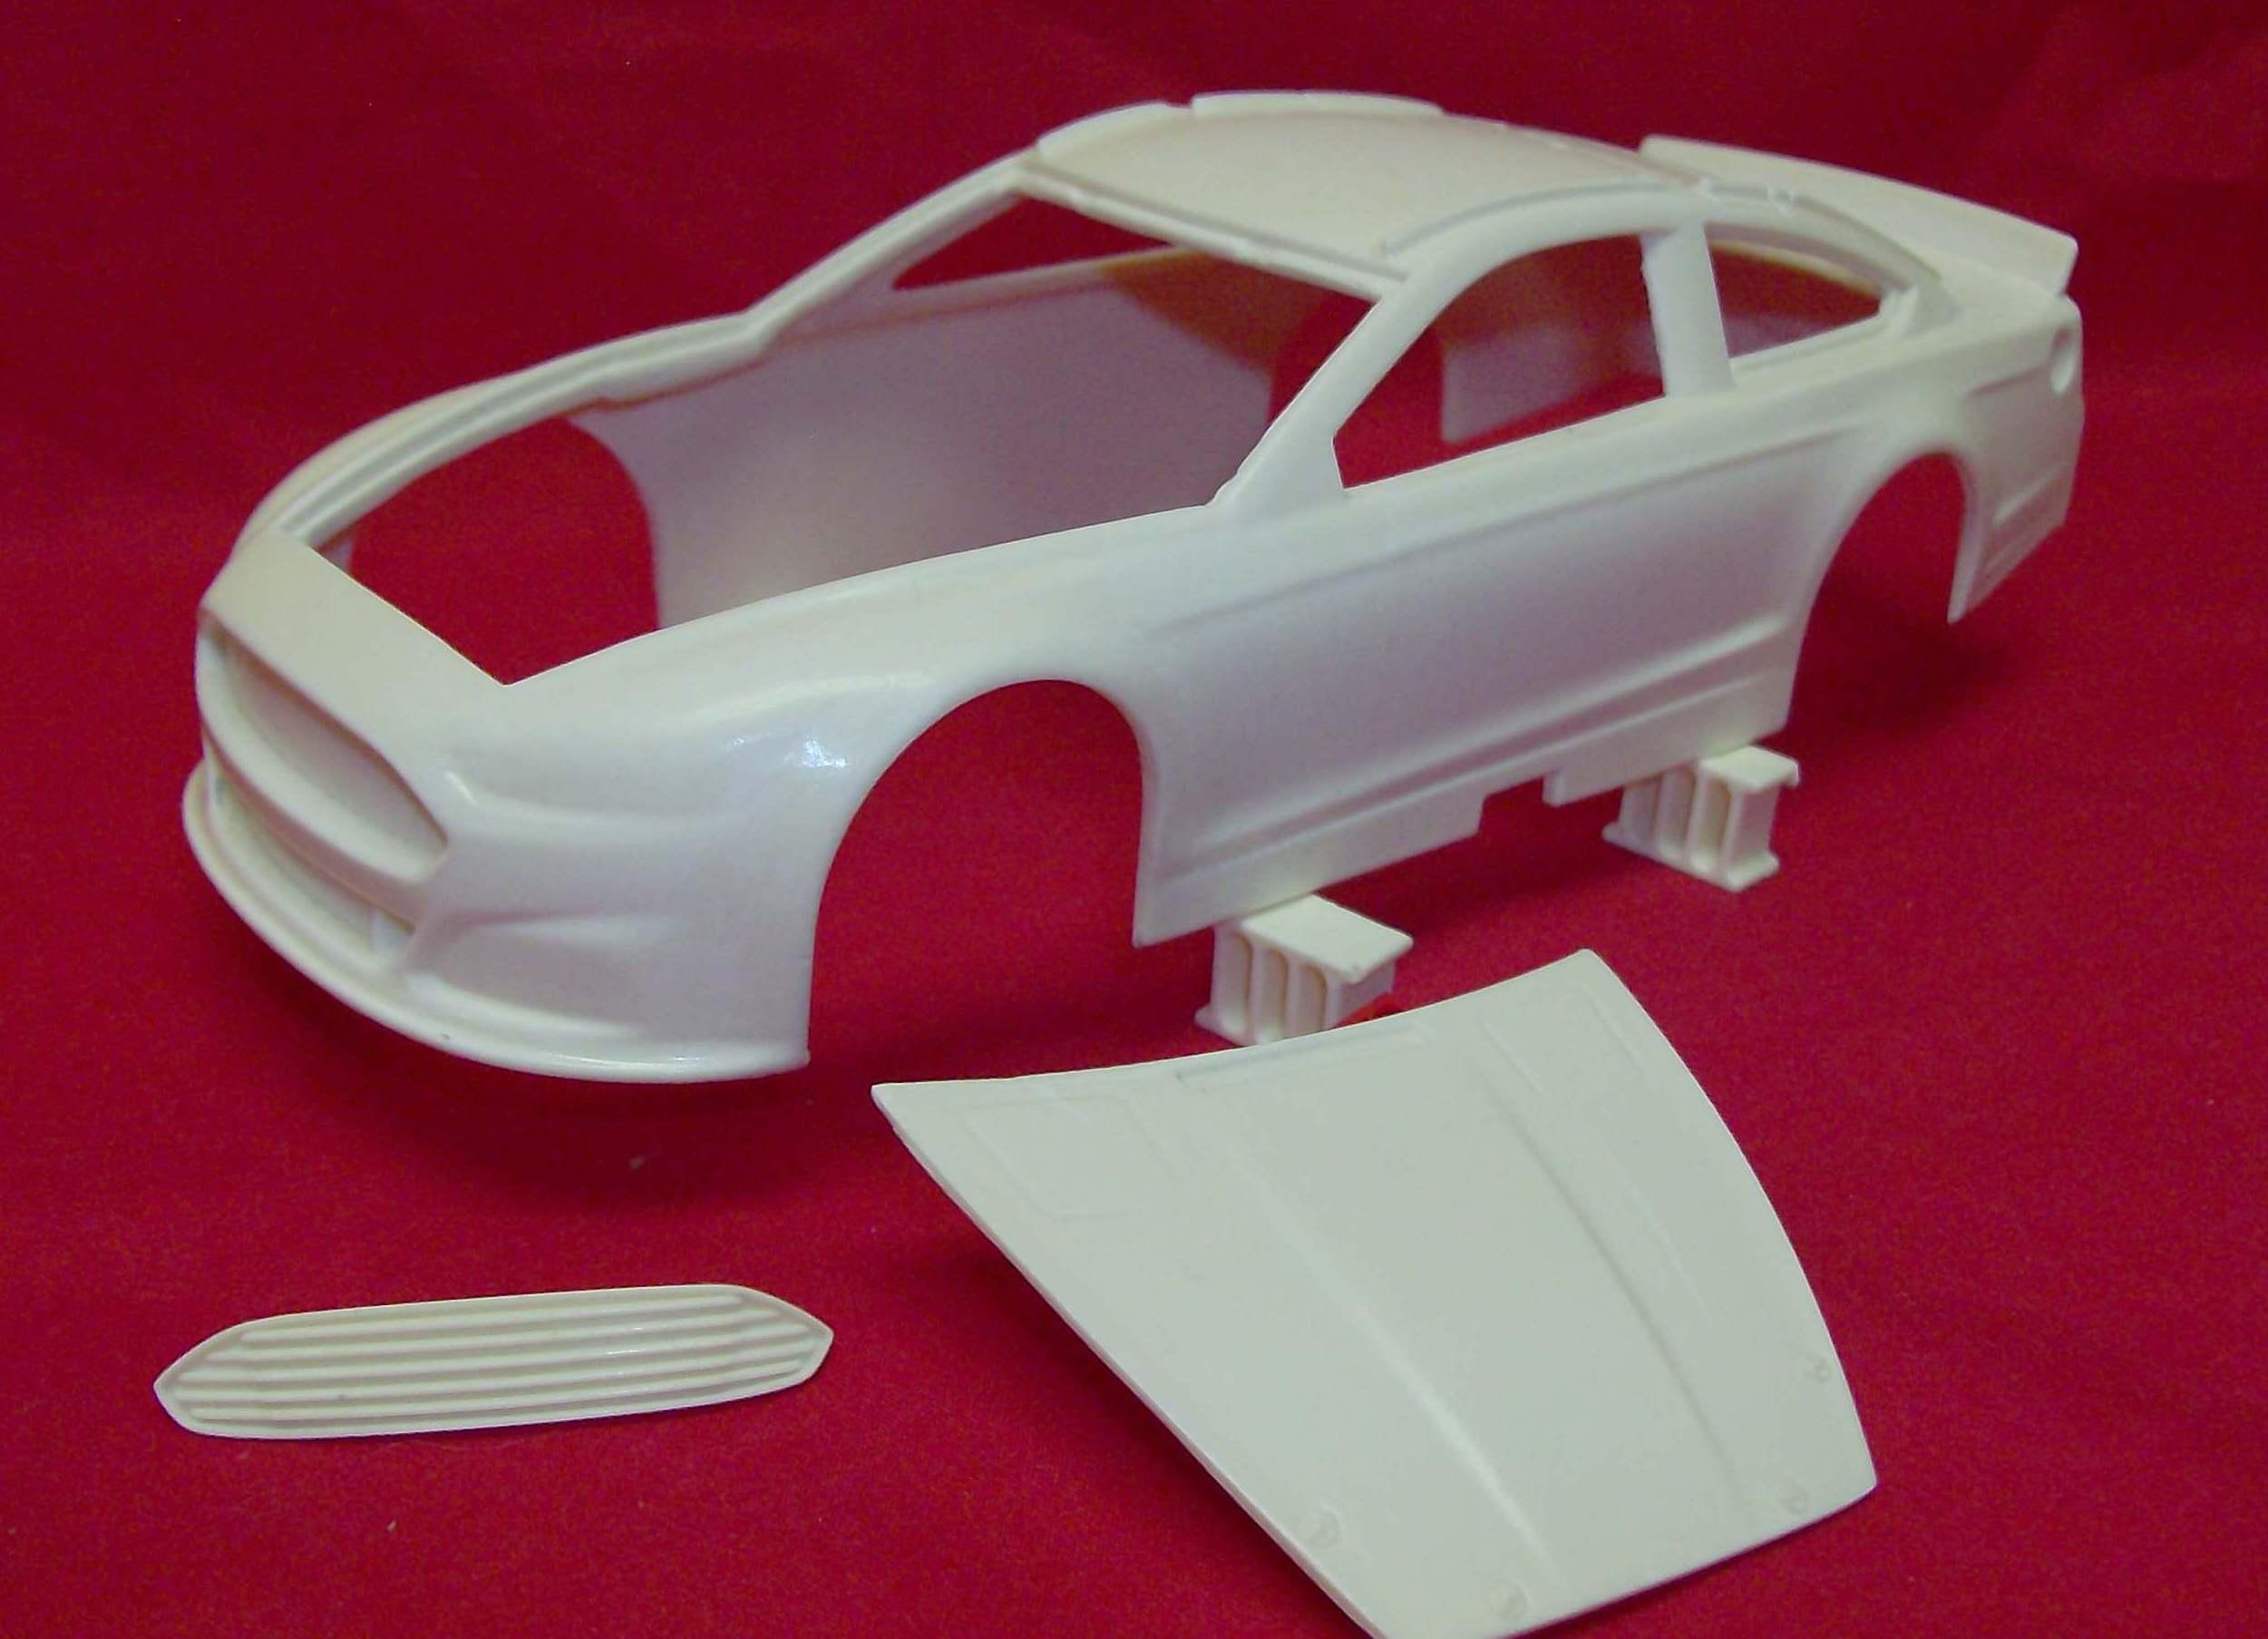 2013 Ford Fusion For Sale >> Resin Body 2013/15 Ford Fusion Powerslide nascar model car kit - Powerslide Resin - Resin Bodies ...